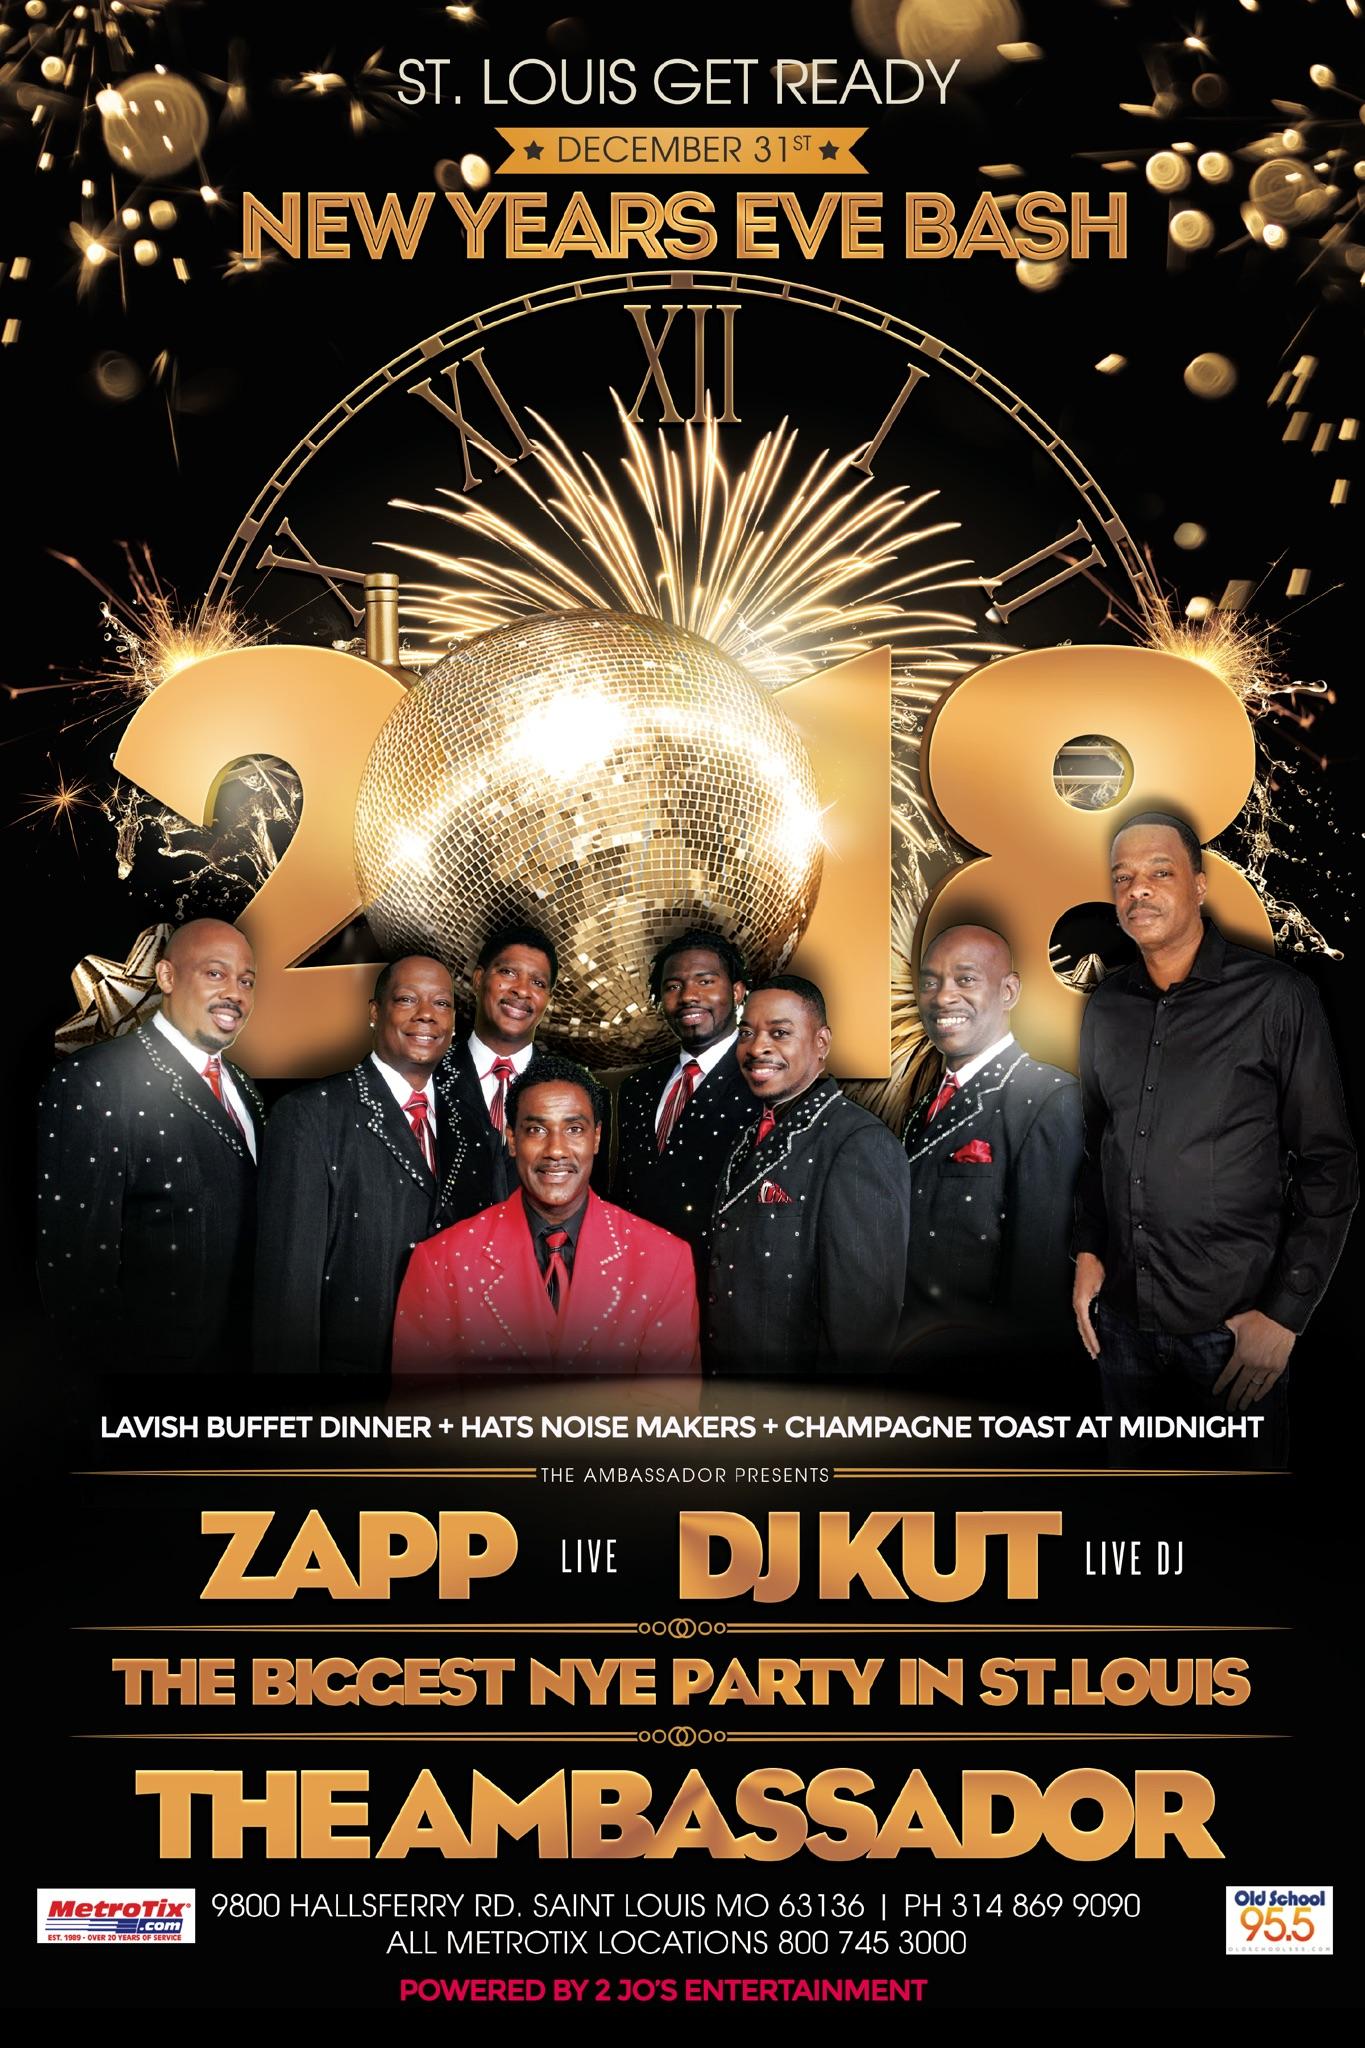 Zapp and DJ Kut